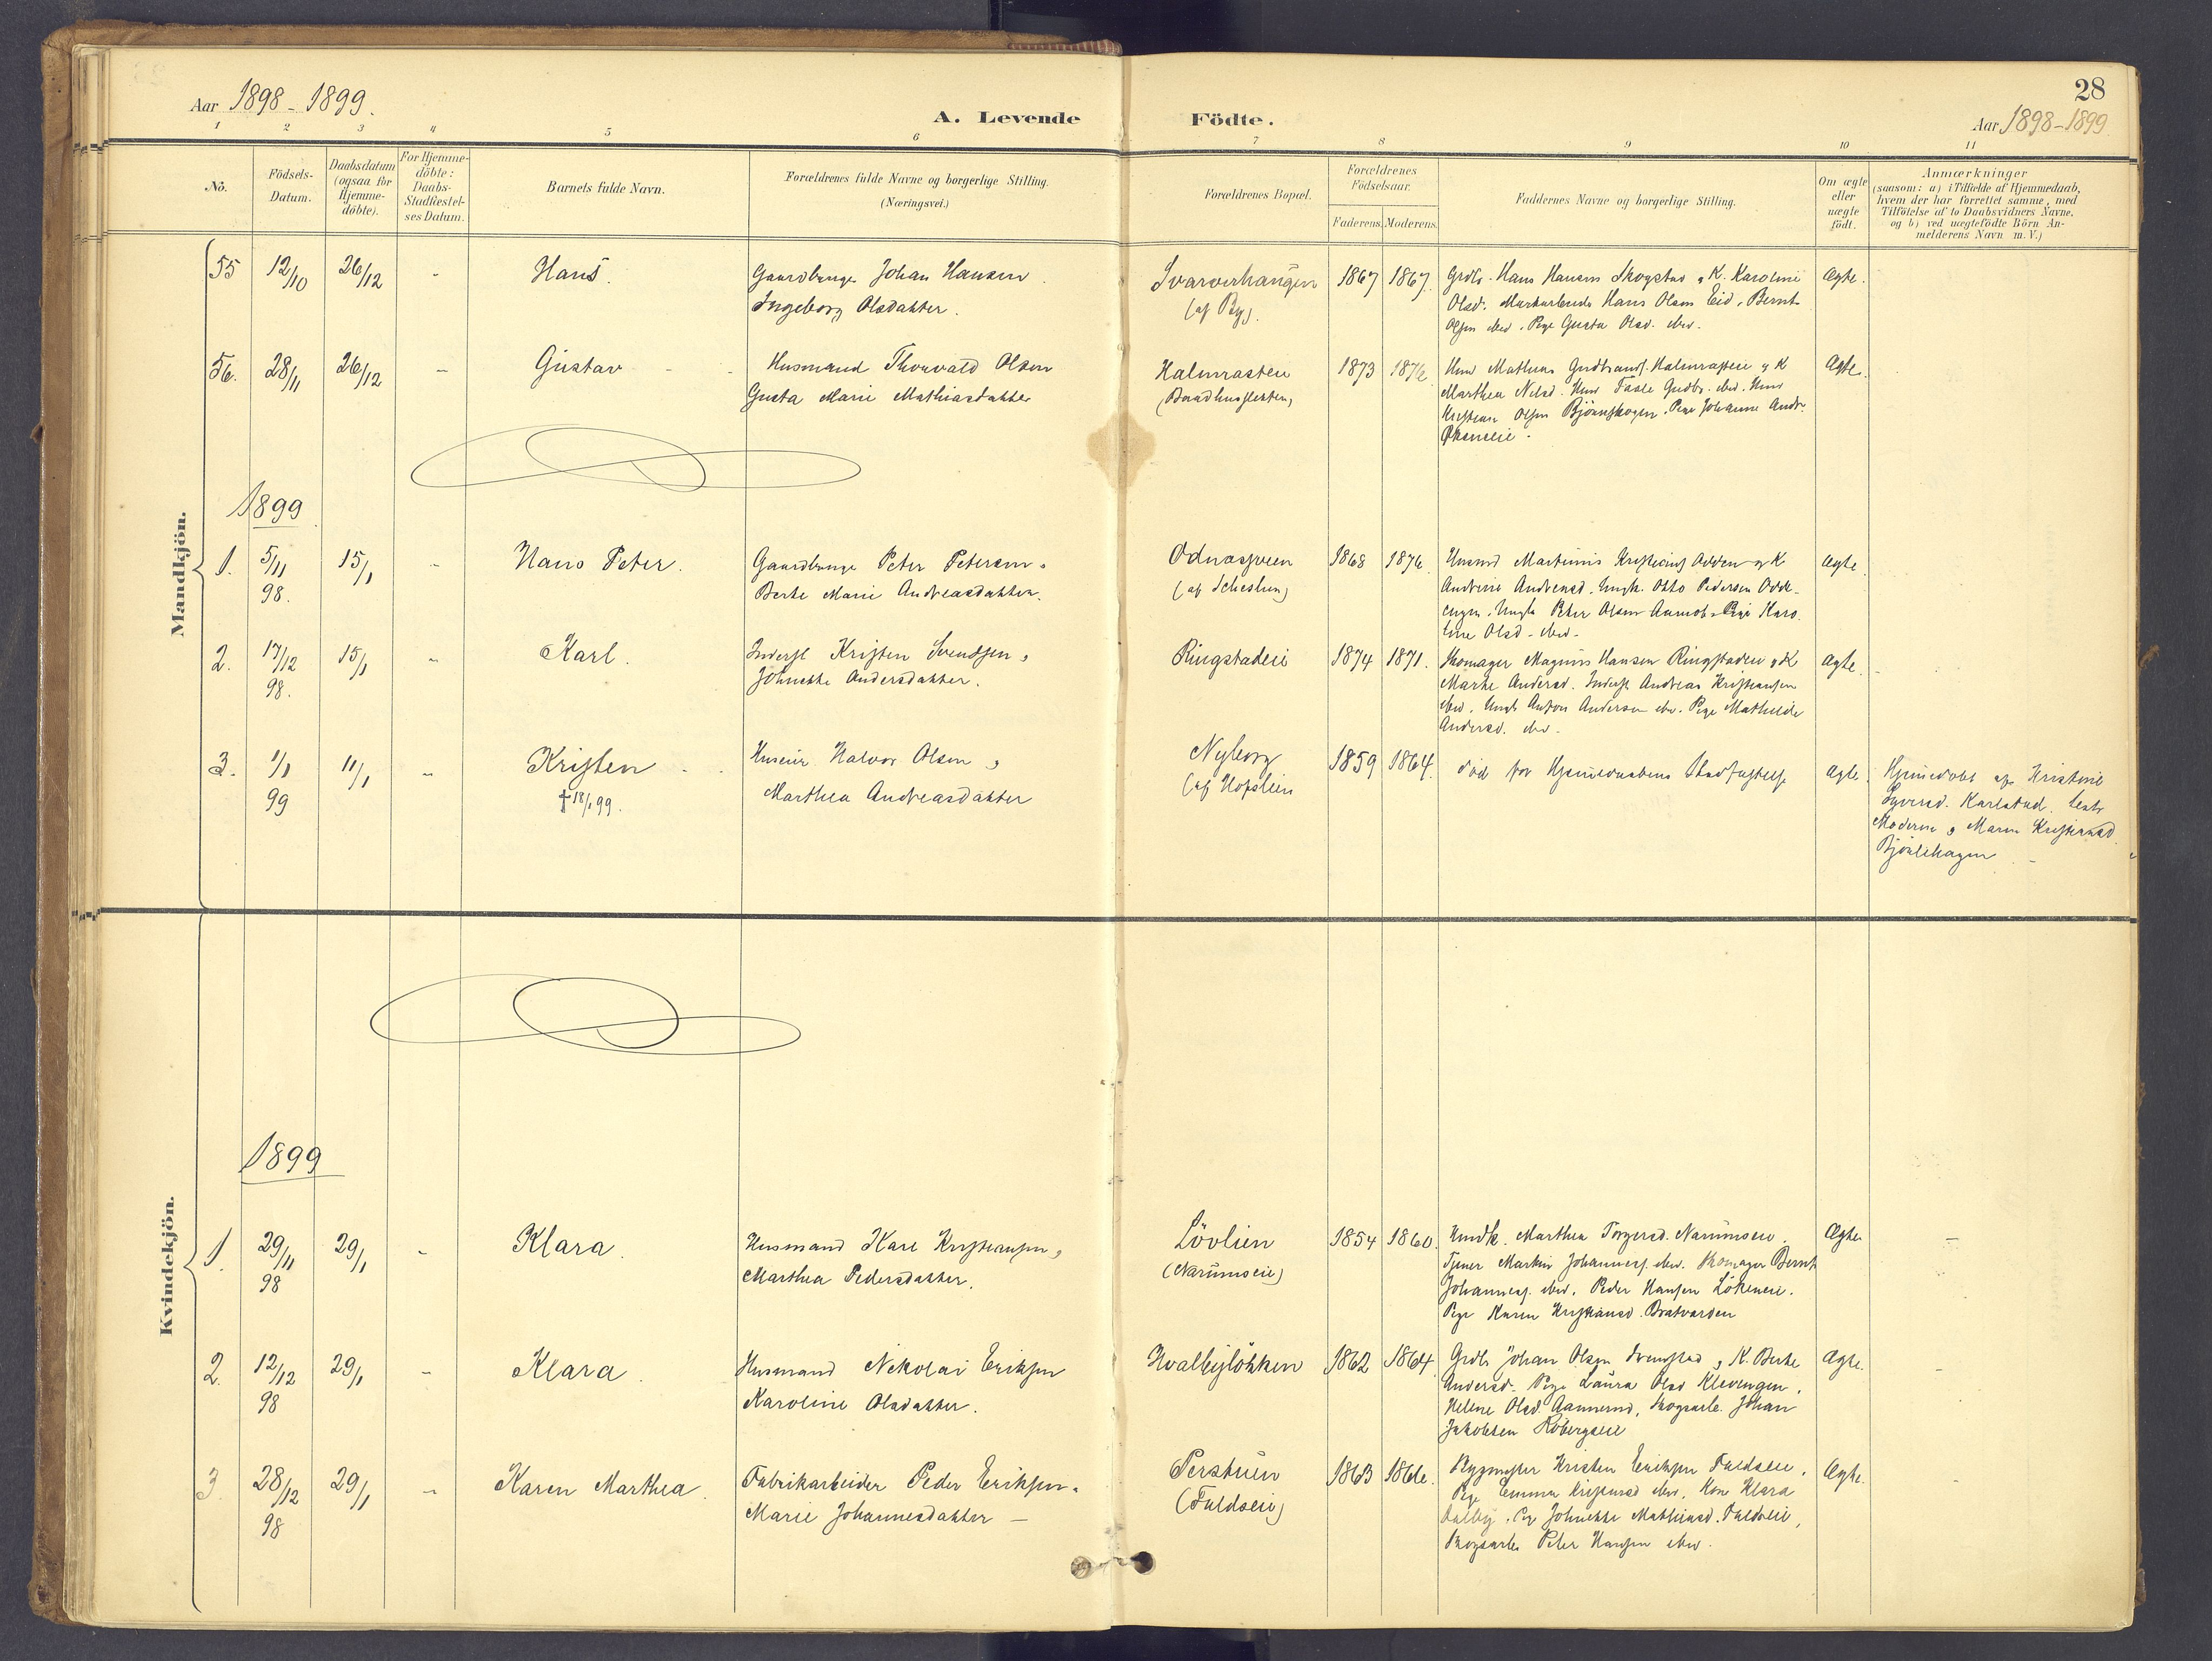 SAH, Søndre Land prestekontor, K/L0006: Ministerialbok nr. 6, 1895-1904, s. 28